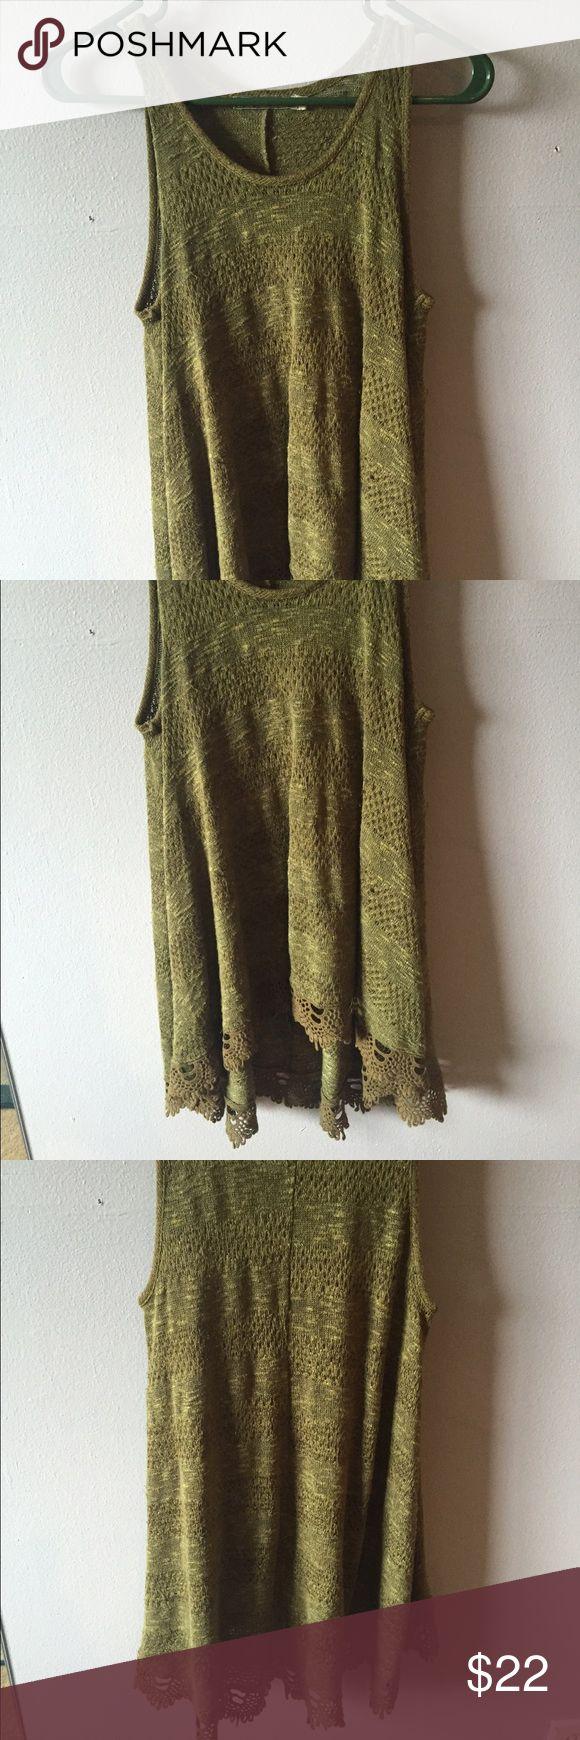 Dark forest green tunic Laced bottom dark green Chloe K tunic Chloe K Tops Tunics